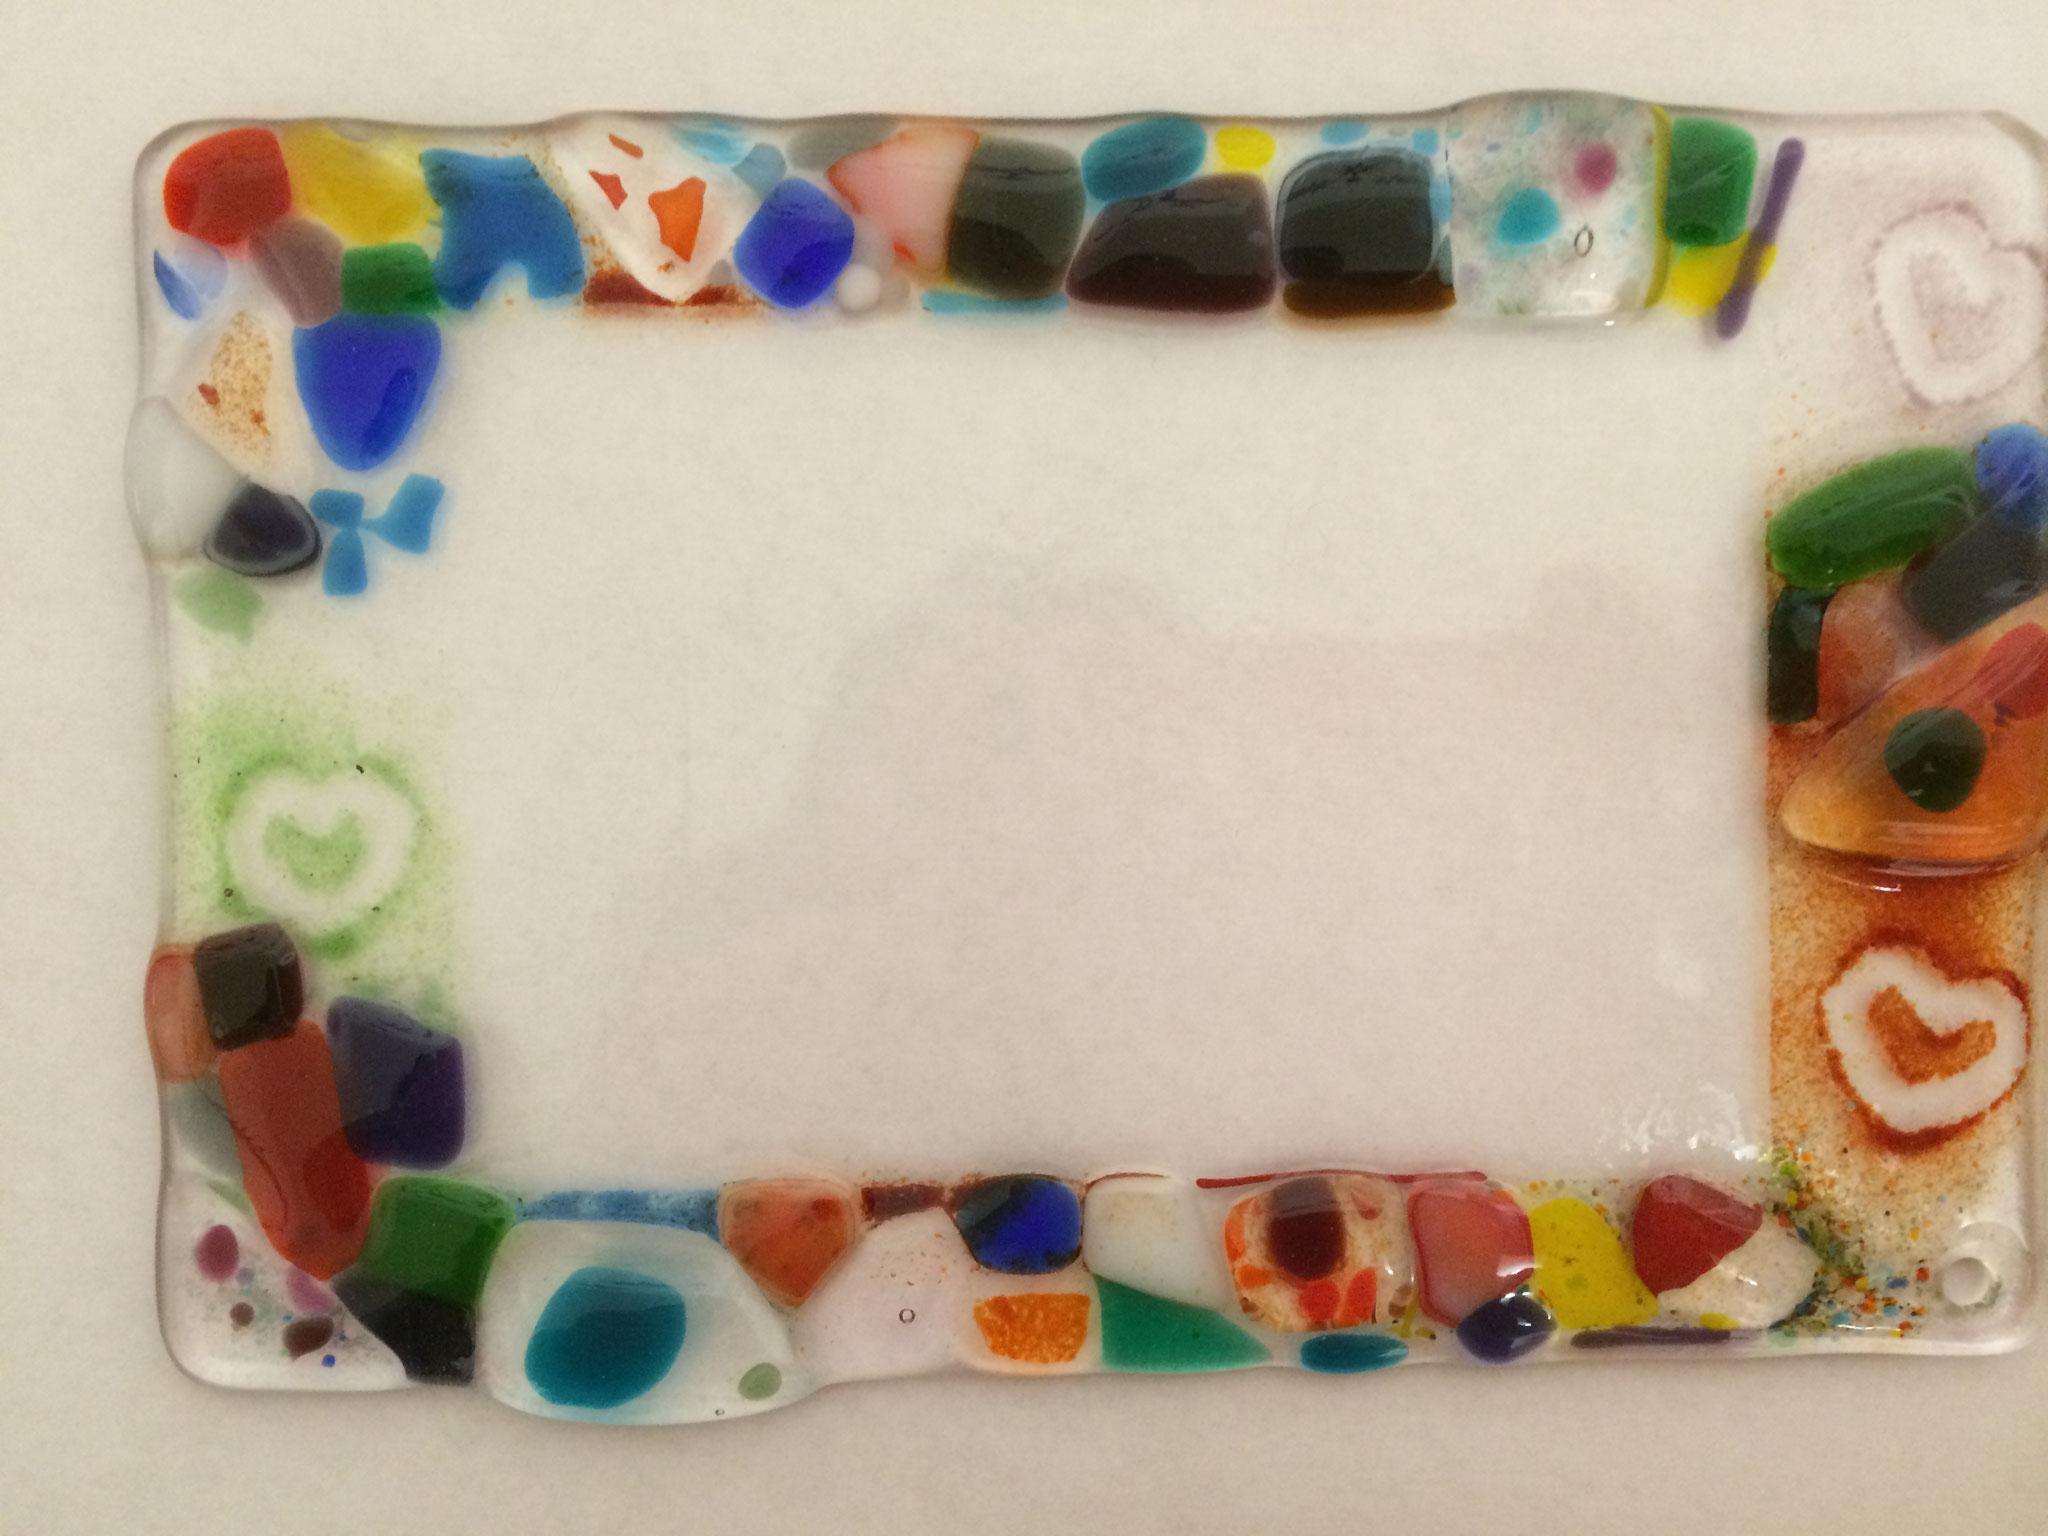 Farbenfrohes Beispiel für einen Glas- Bilderrahmen,